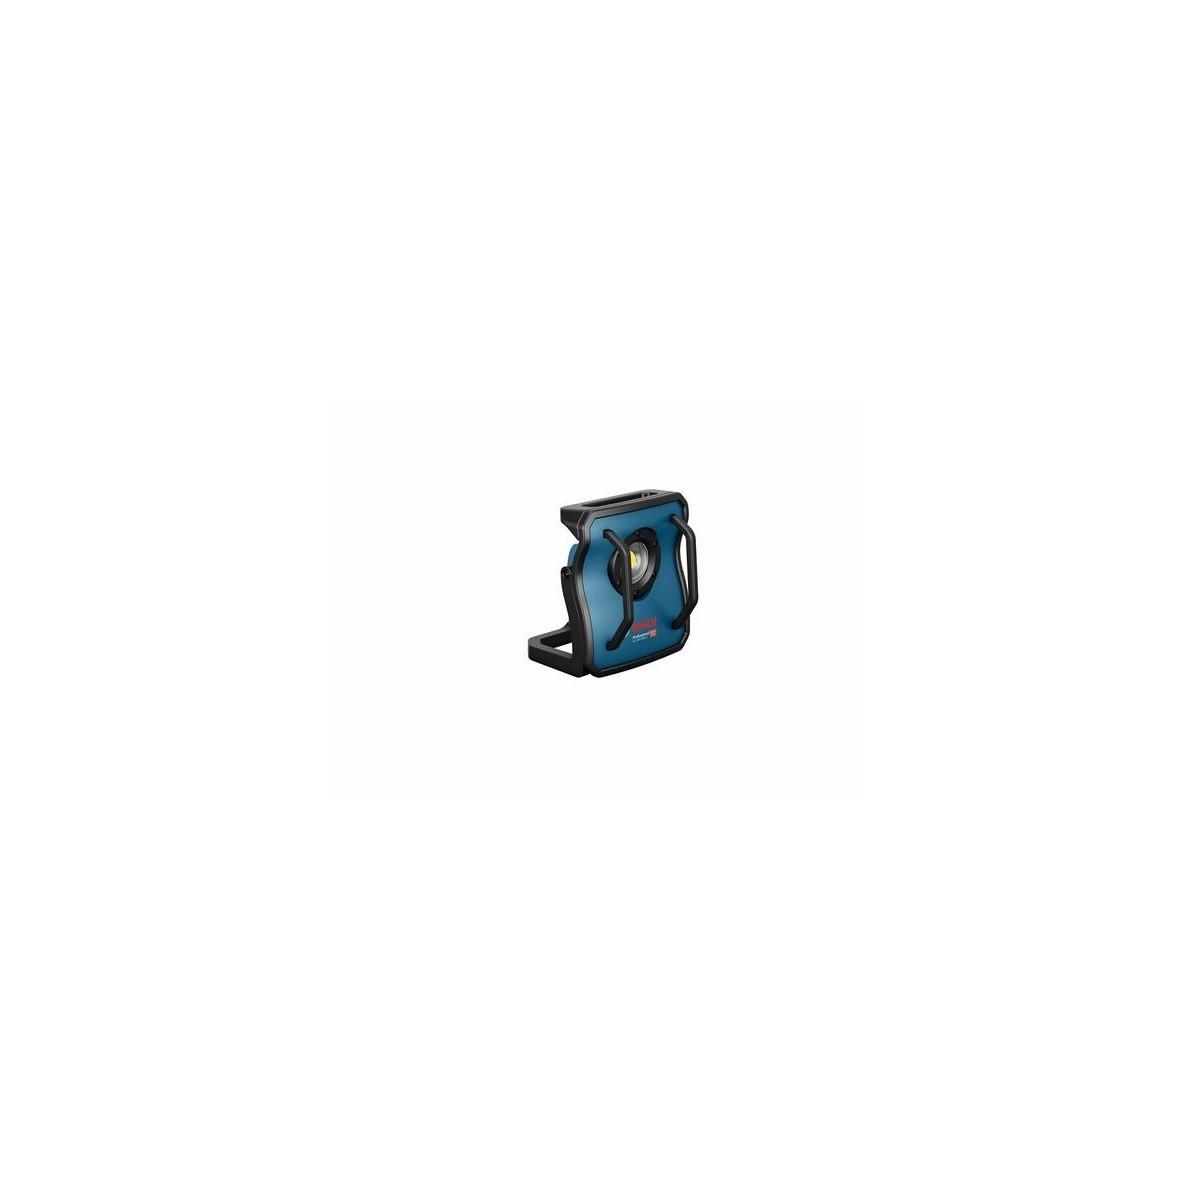 BOSCH CORDLESS FLOODLIGHTS GLI 18V-4000 C 0601446800